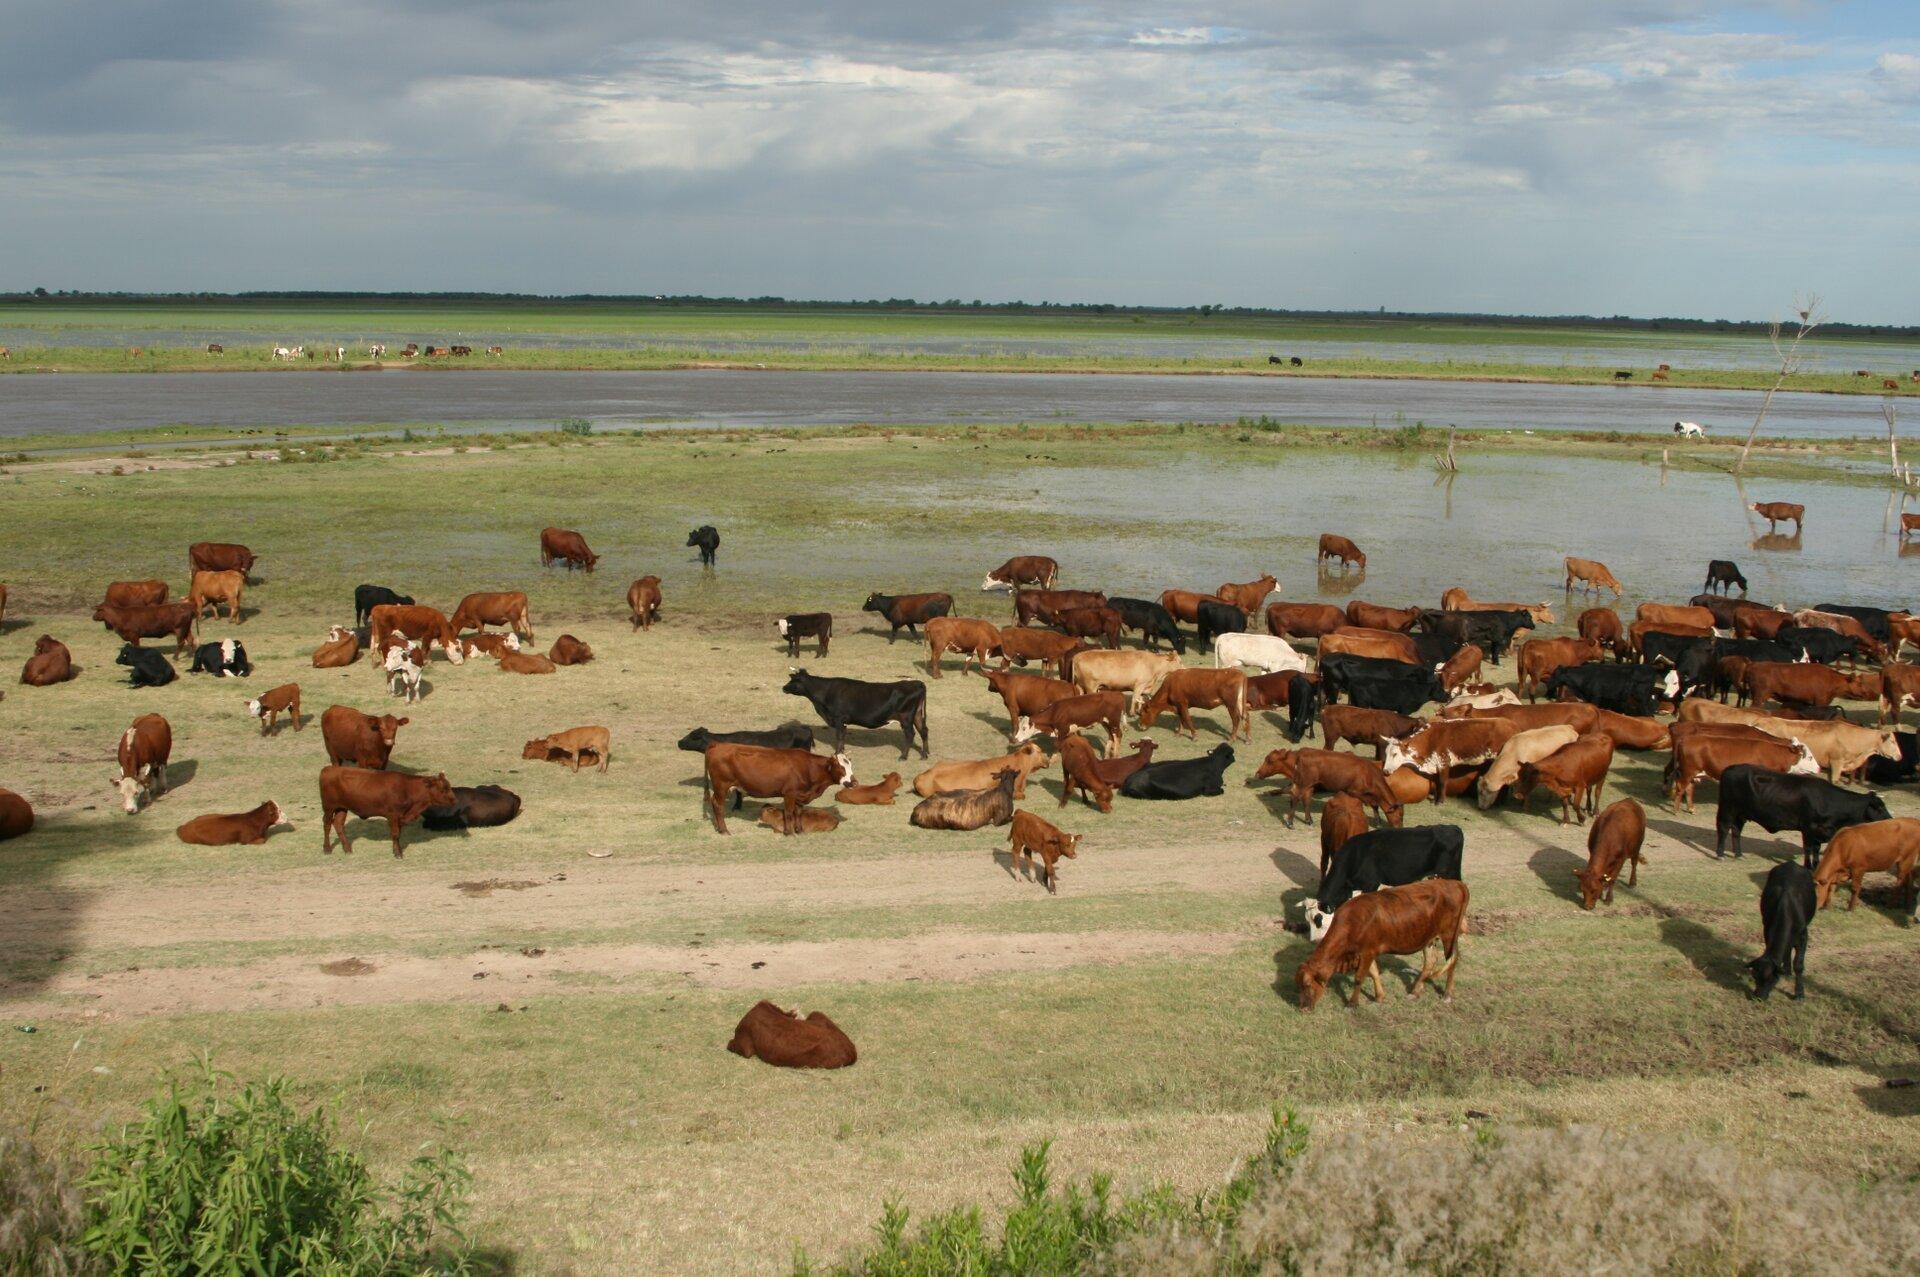 Fotografia trzecia prezentuje olbrzymie pastwisko, na którym pasie się stado krów.